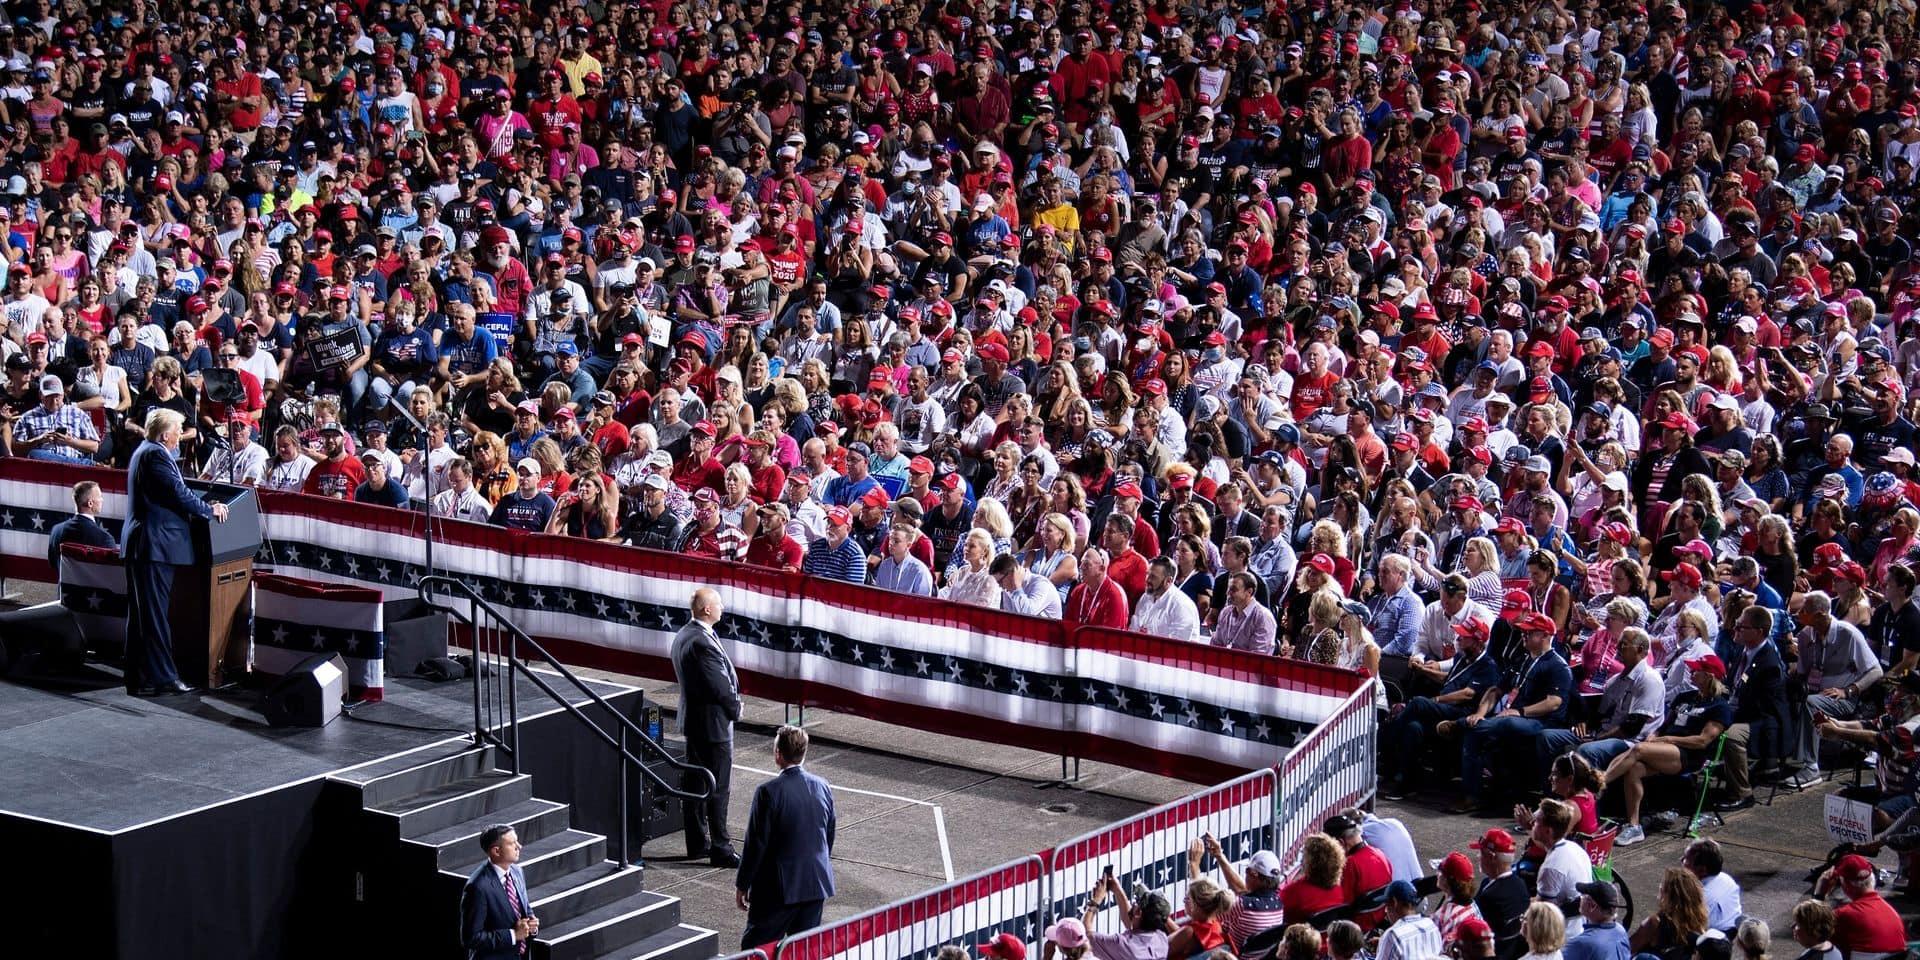 En Floride, des milliers de personnes assistent au meeting de Donald Trump collées les unes aux autres et sans masque - La Libre